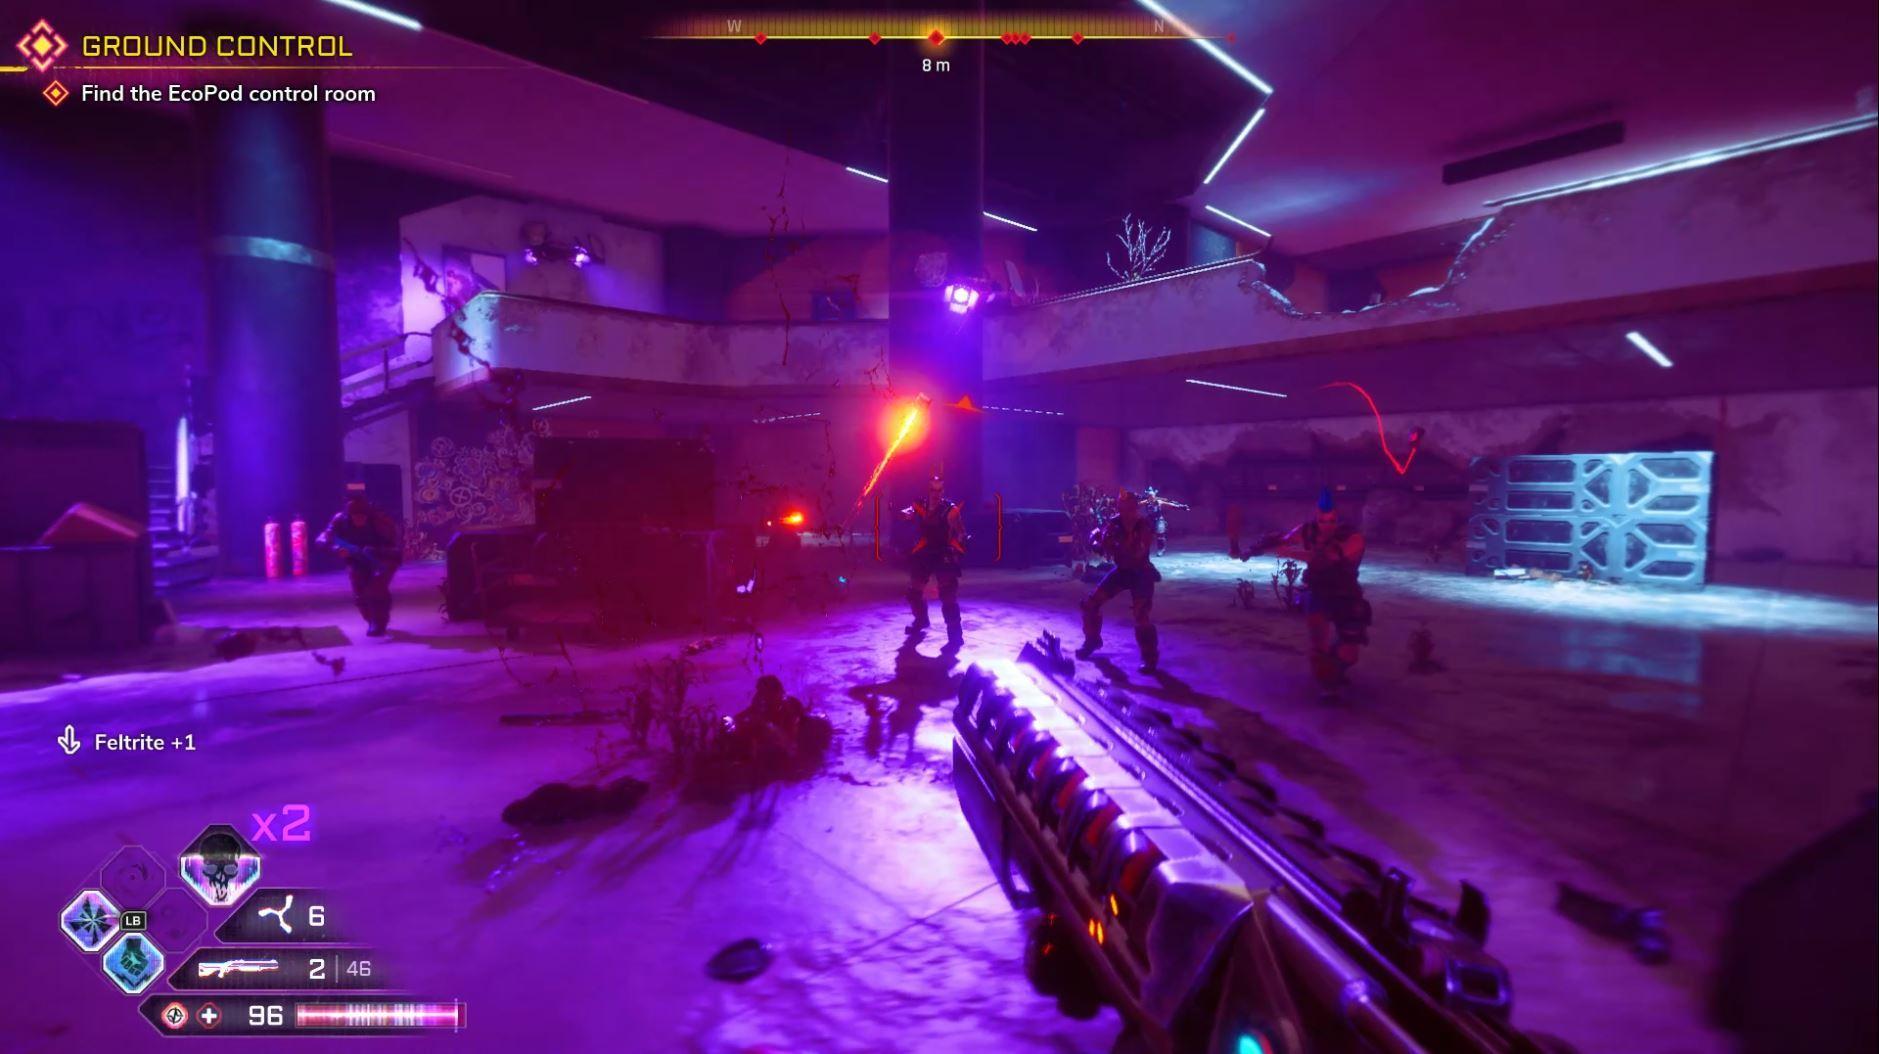 《狂怒2》首批媒体评分公布 IGN 8分 GameSpot 6分